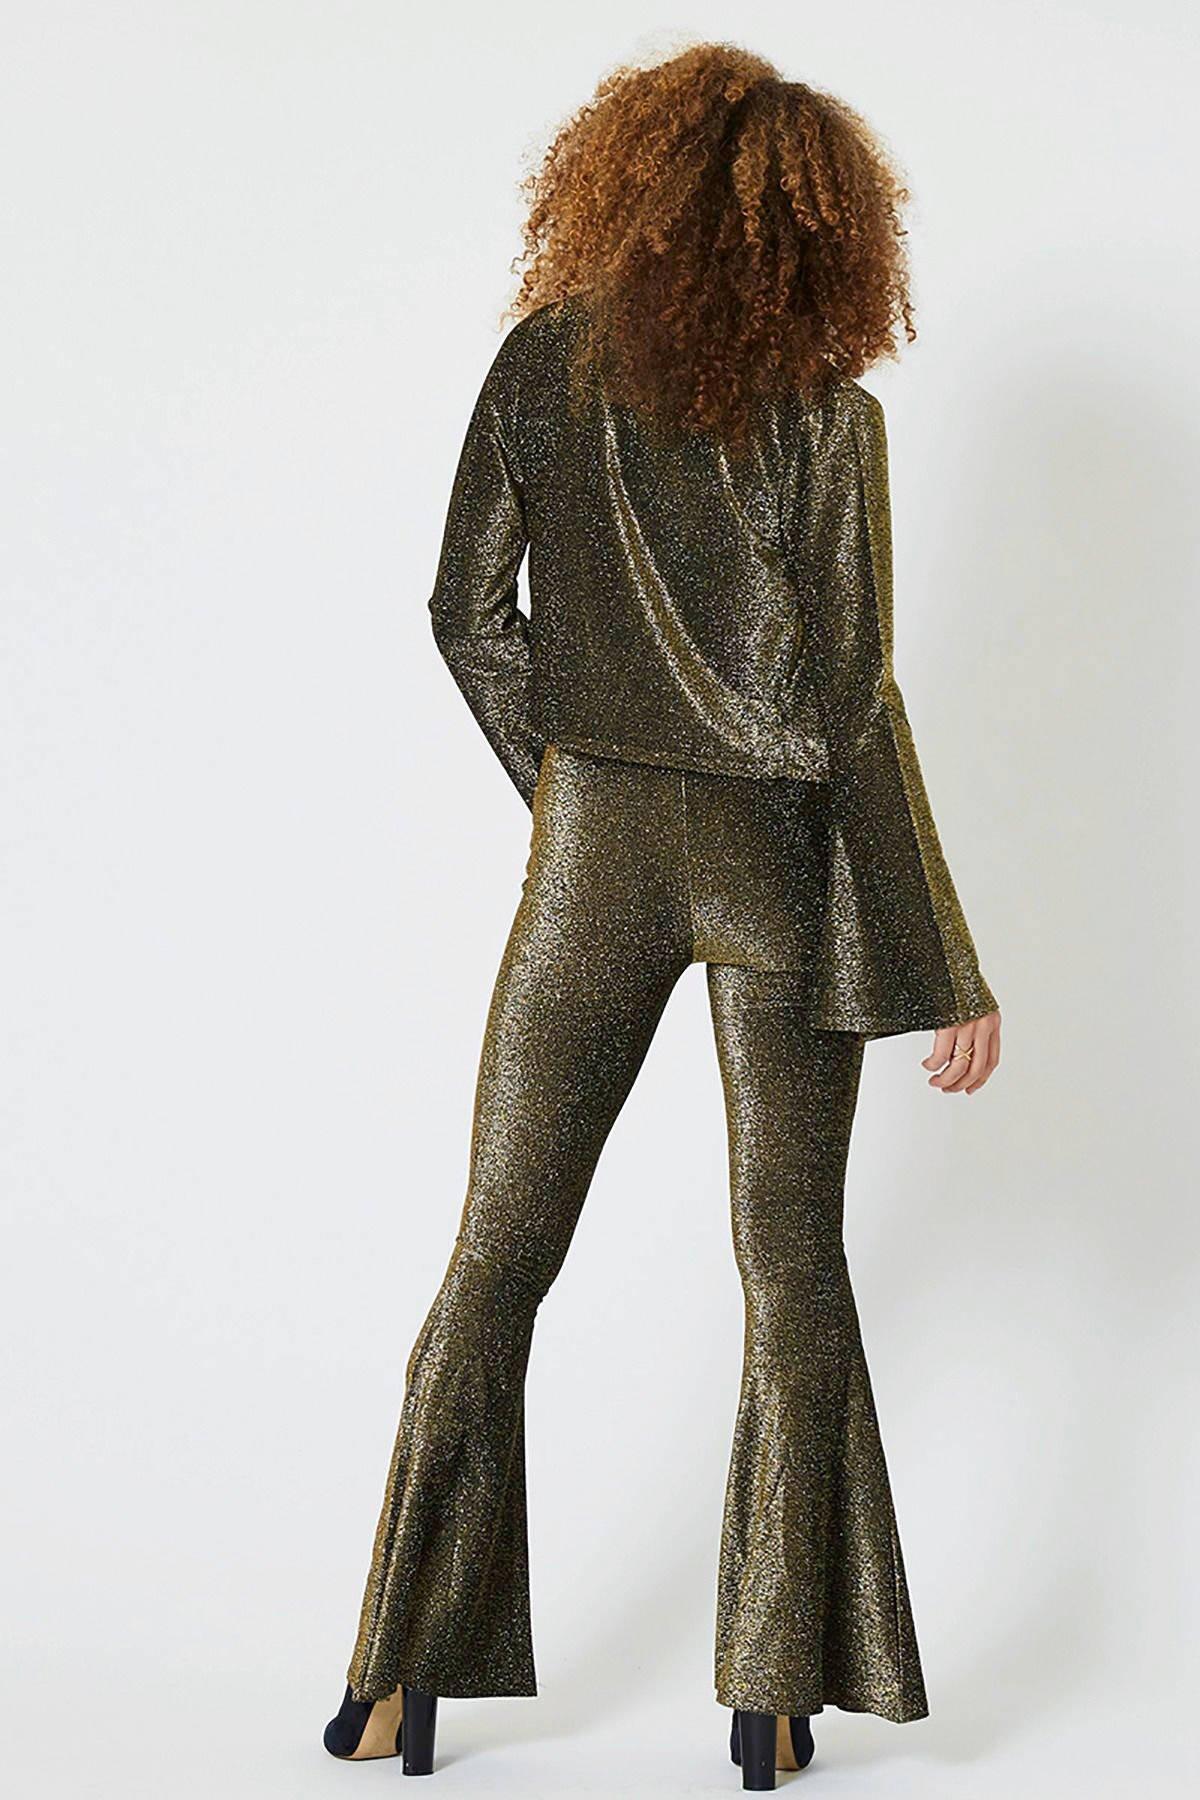 CoolCat high waist flared glitterbroek goud | wehkamp